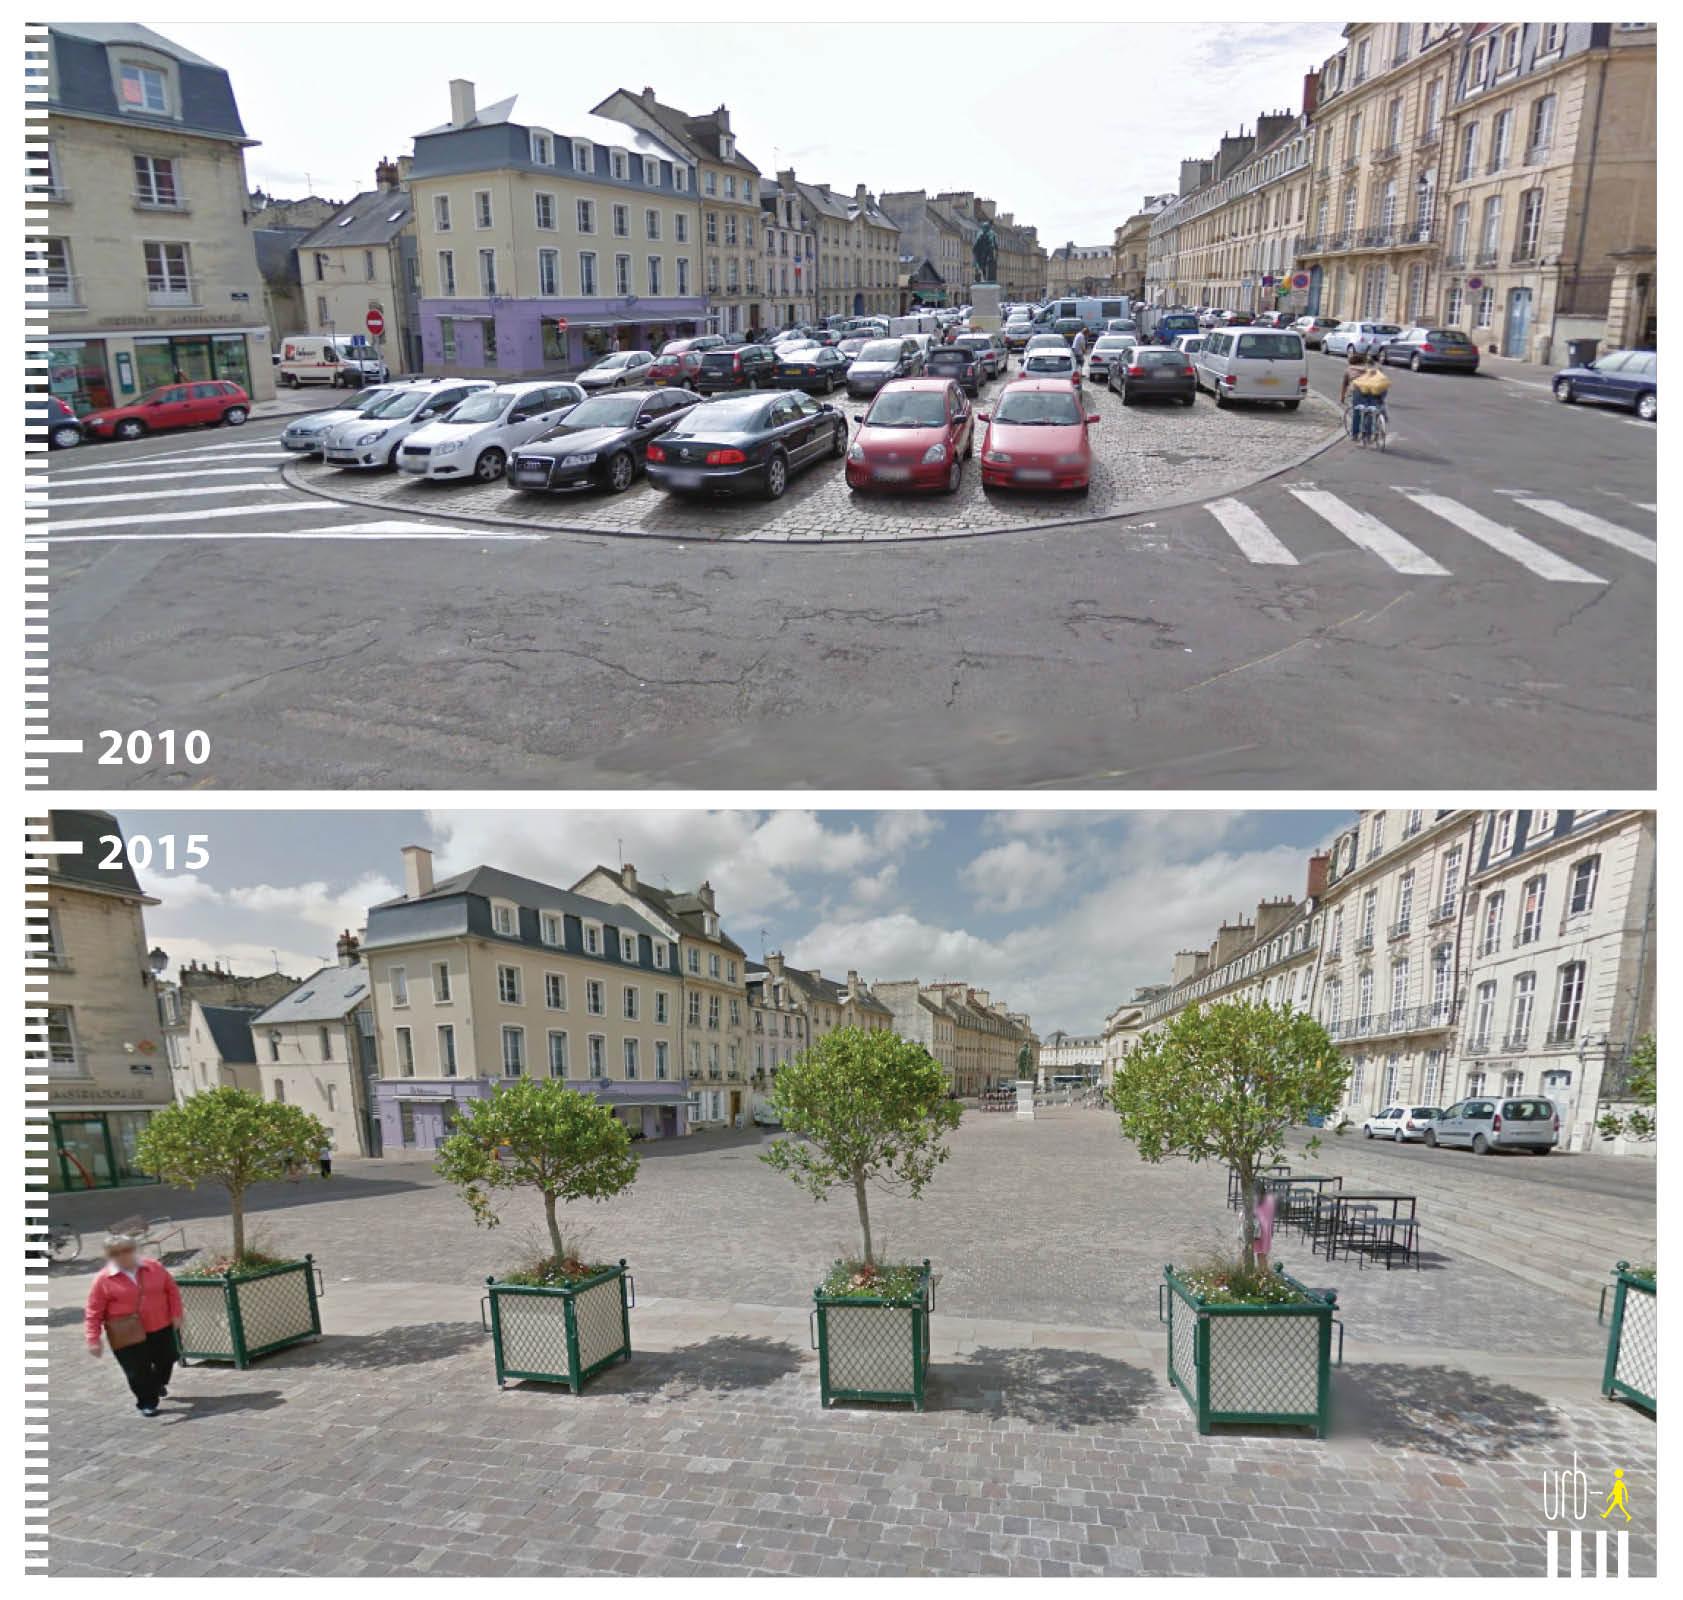 1682 FR Caen, Place Saint-Sauveur